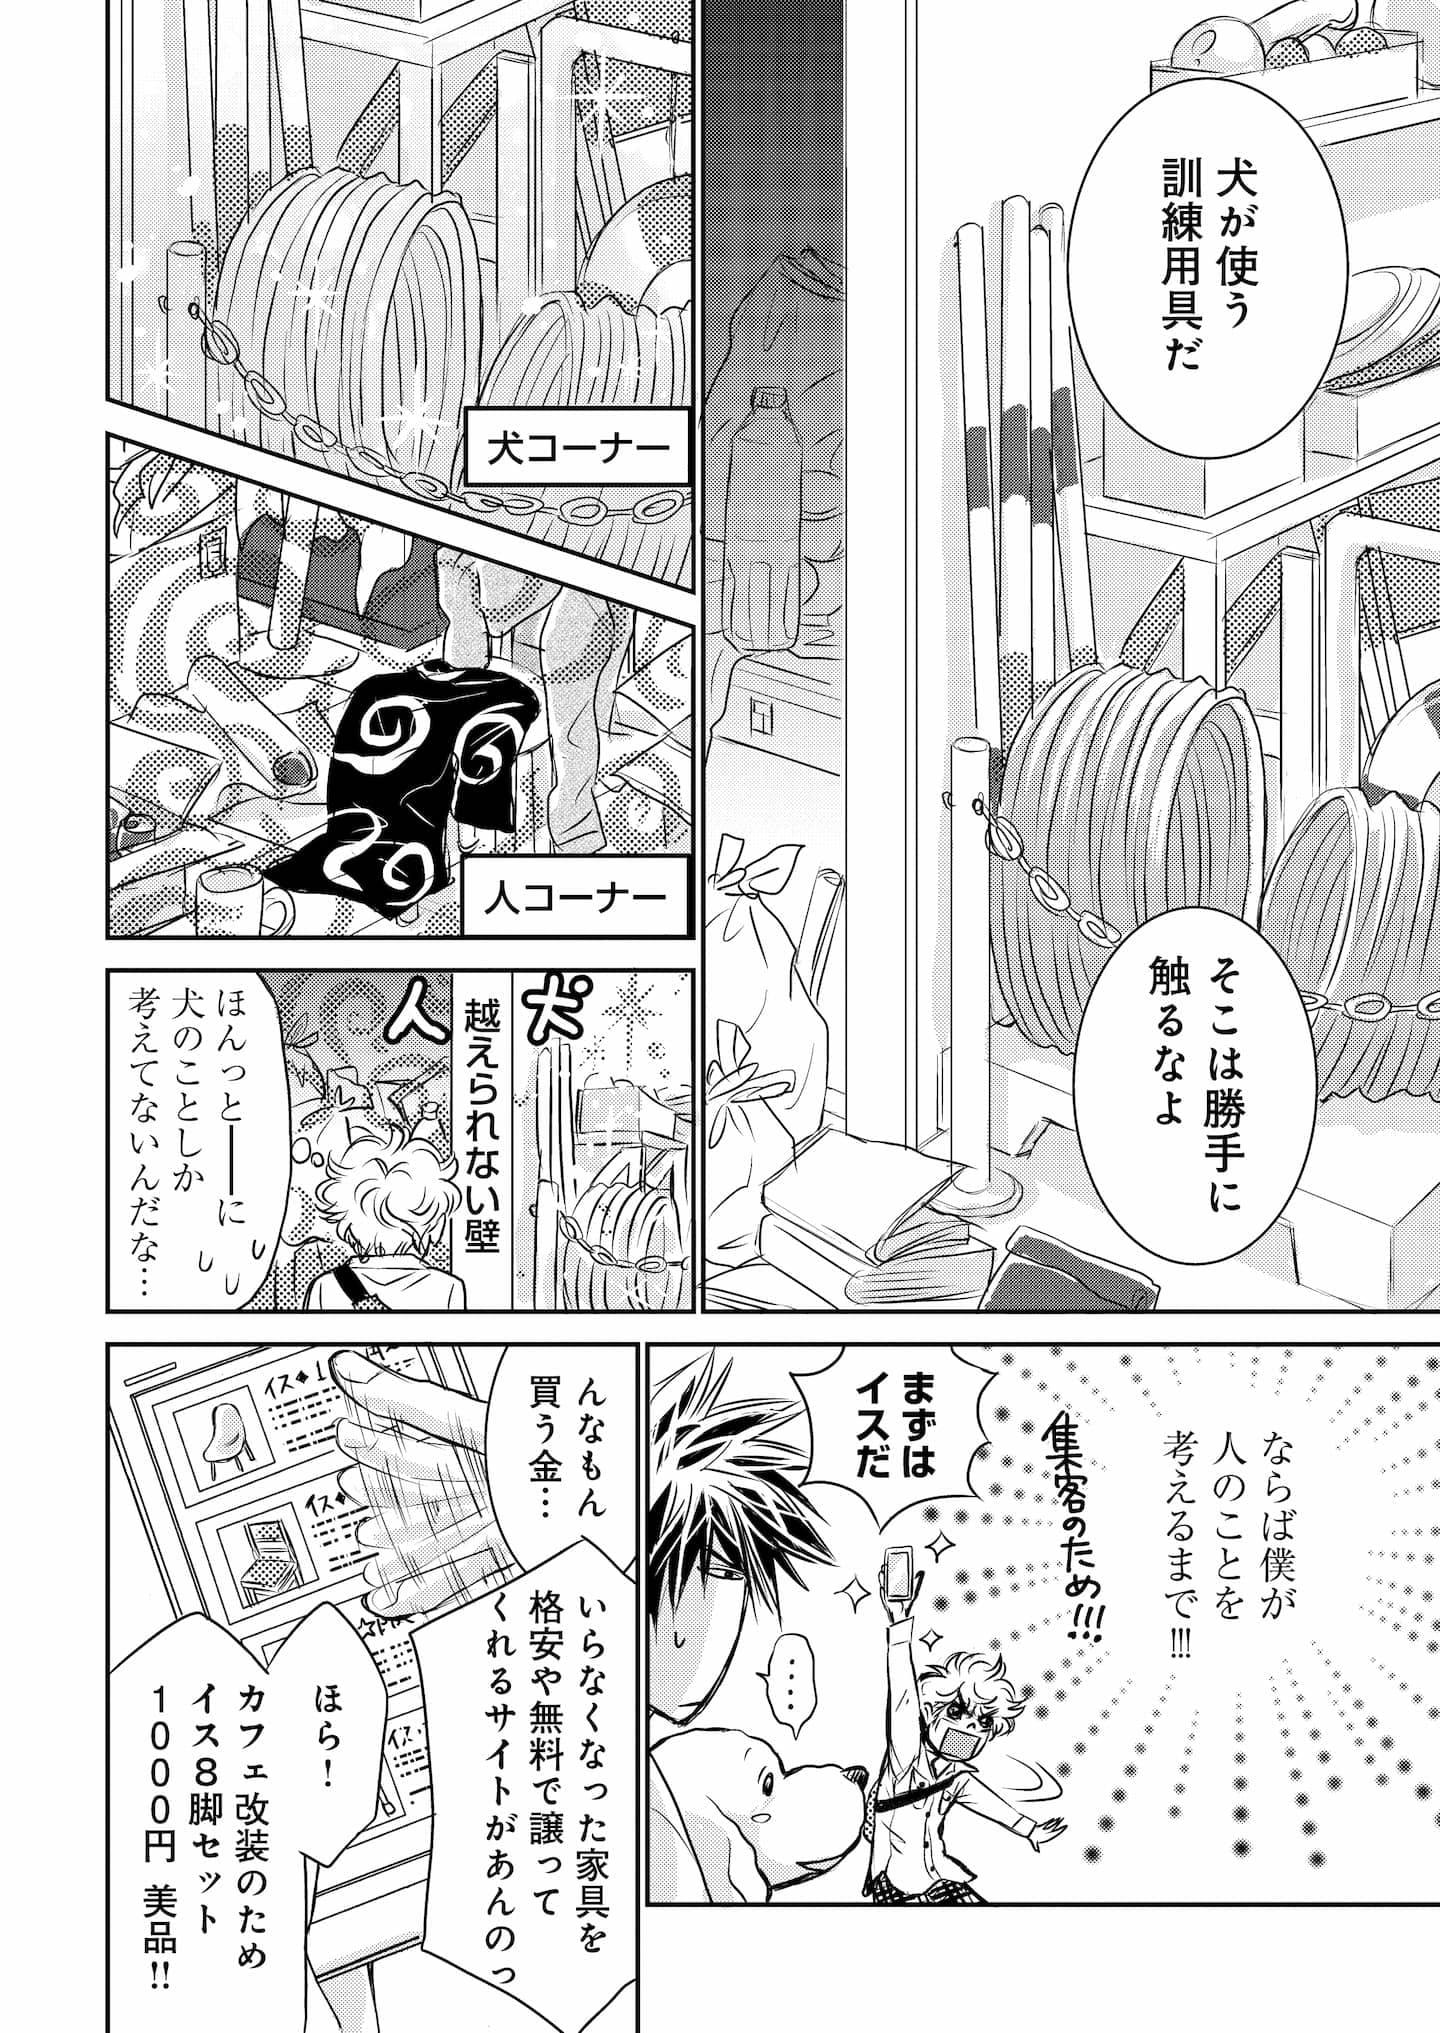 『DOG SIGNAL』3話目① 7ページ目